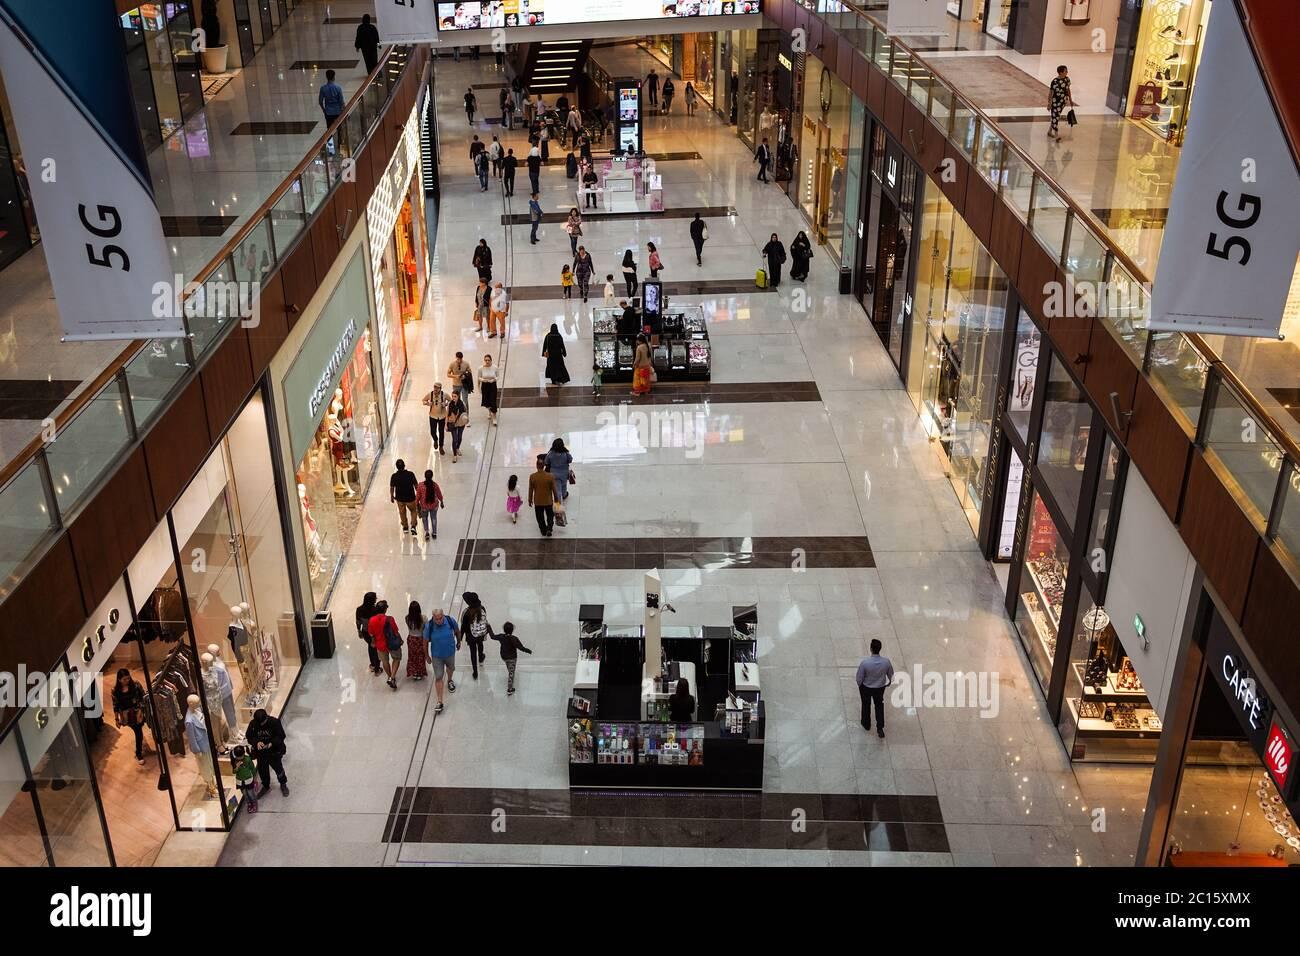 Dubai / Vereinigte Arabische Emirate - 1. Februar 2020: Innenfoto der Dubai Mall mit multiethnischen Massen von Touristen auf dem Einkaufen Stockfoto